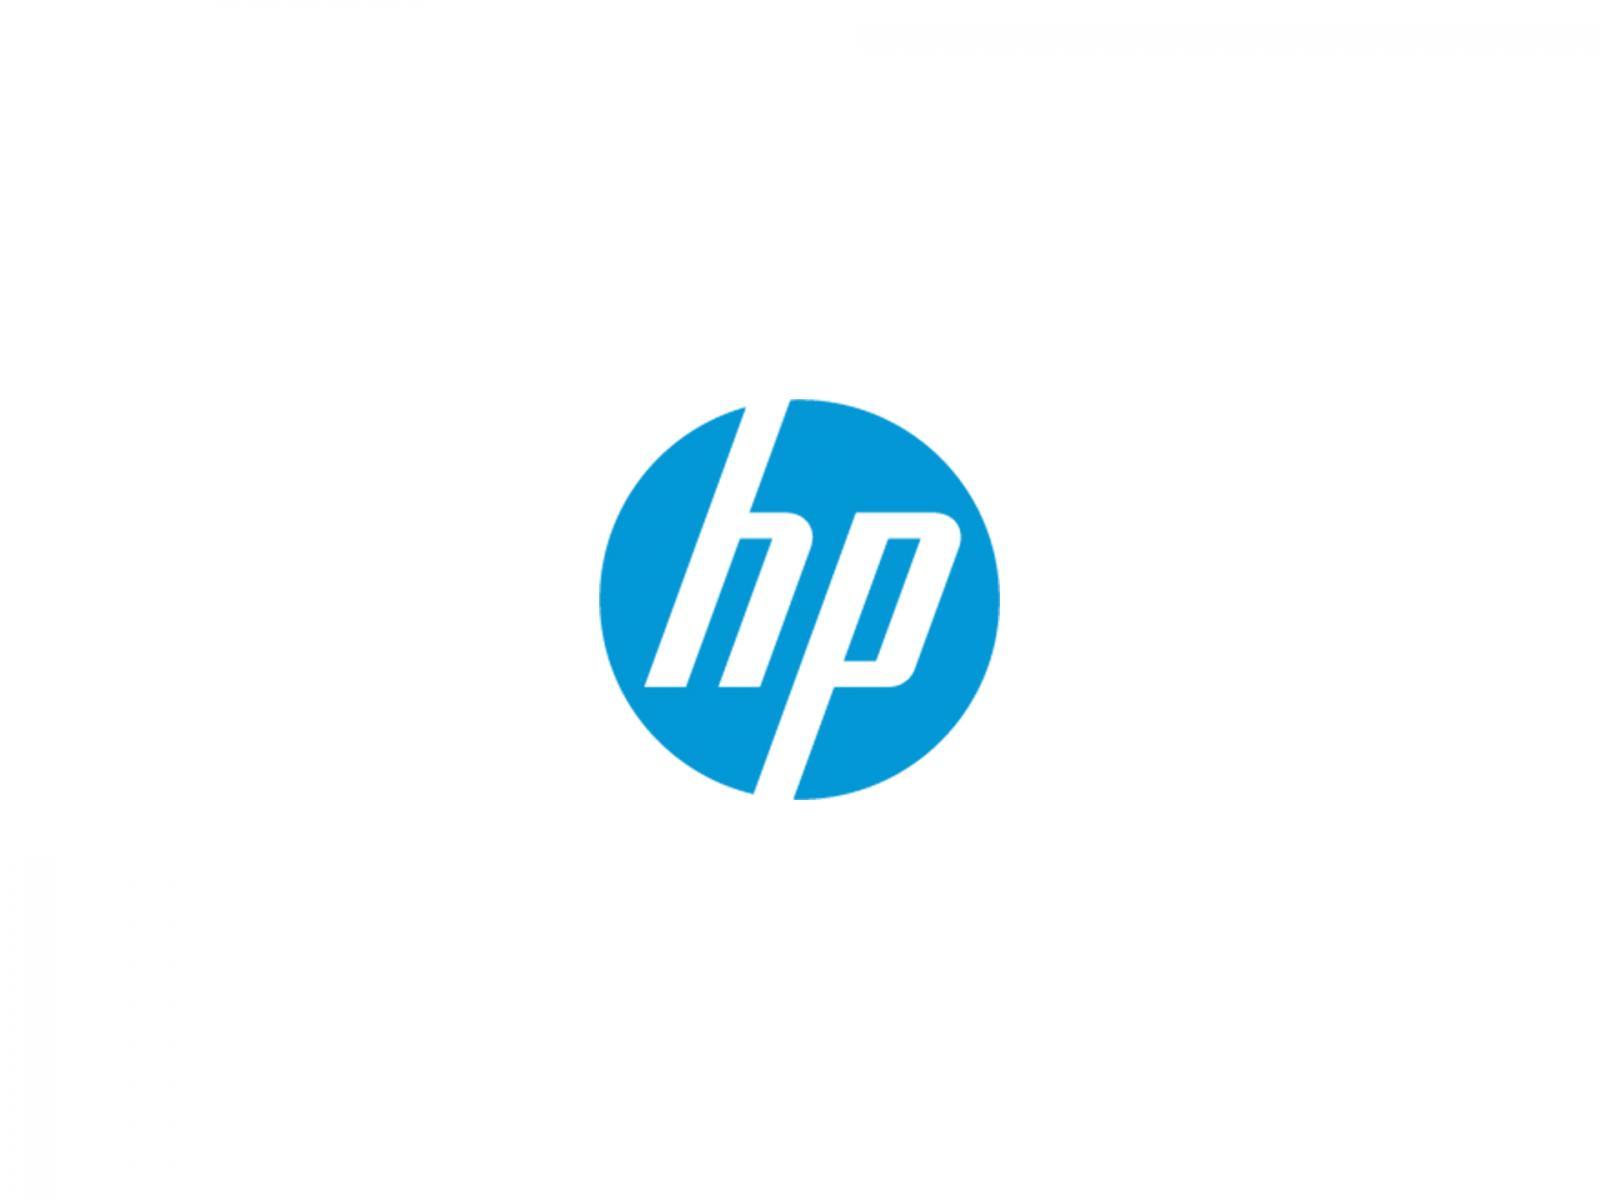 Hp gold partner Logos